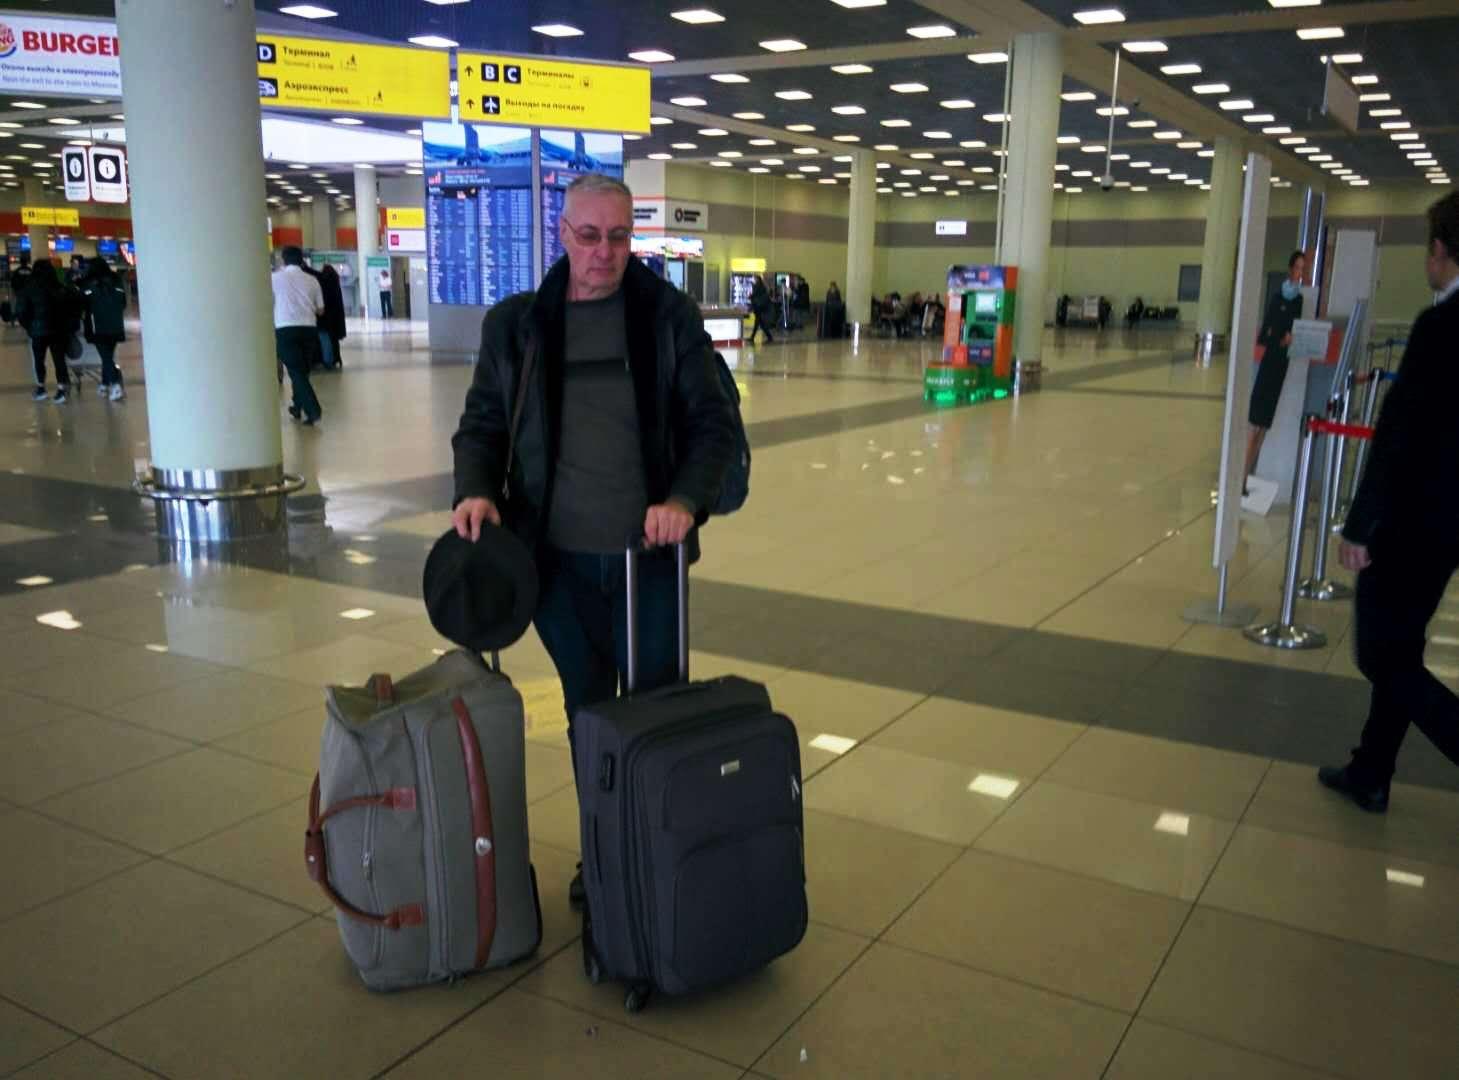 Аркадий Константинов с чемоданами в аэропорту